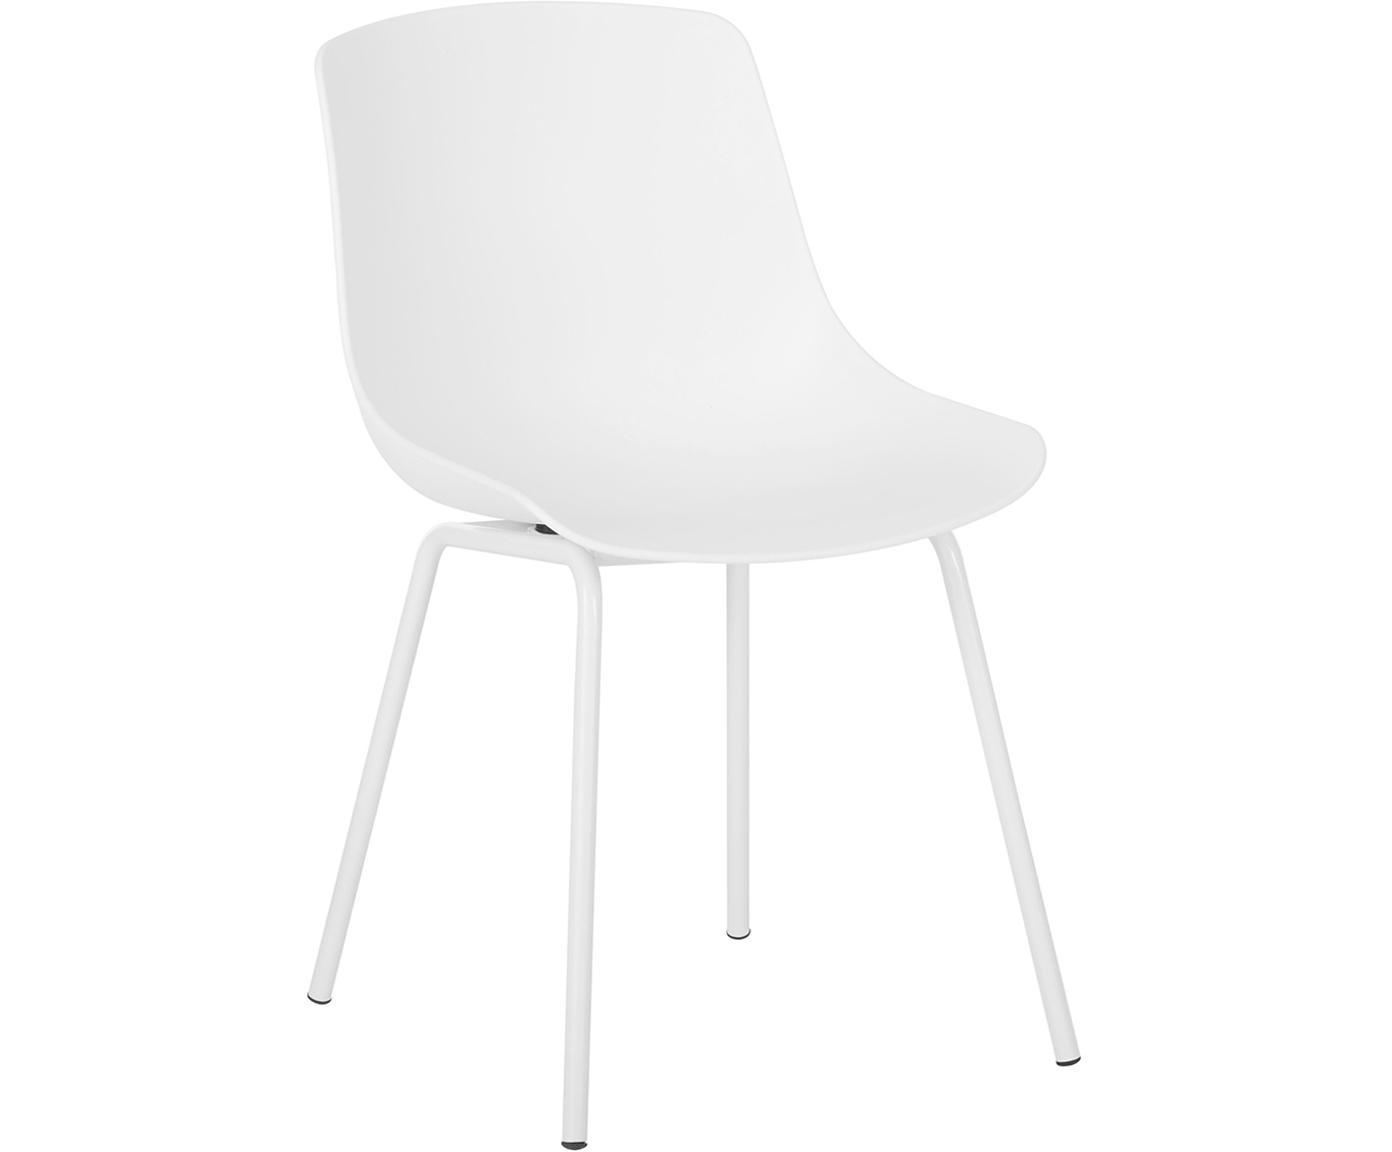 Sedia in plastica con gambe in metallo Dave 2 pz, Seduta: materiale sintetico, Gambe: metallo verniciato a polv, Bianco, Larg. 46 x Prof. 53 cm